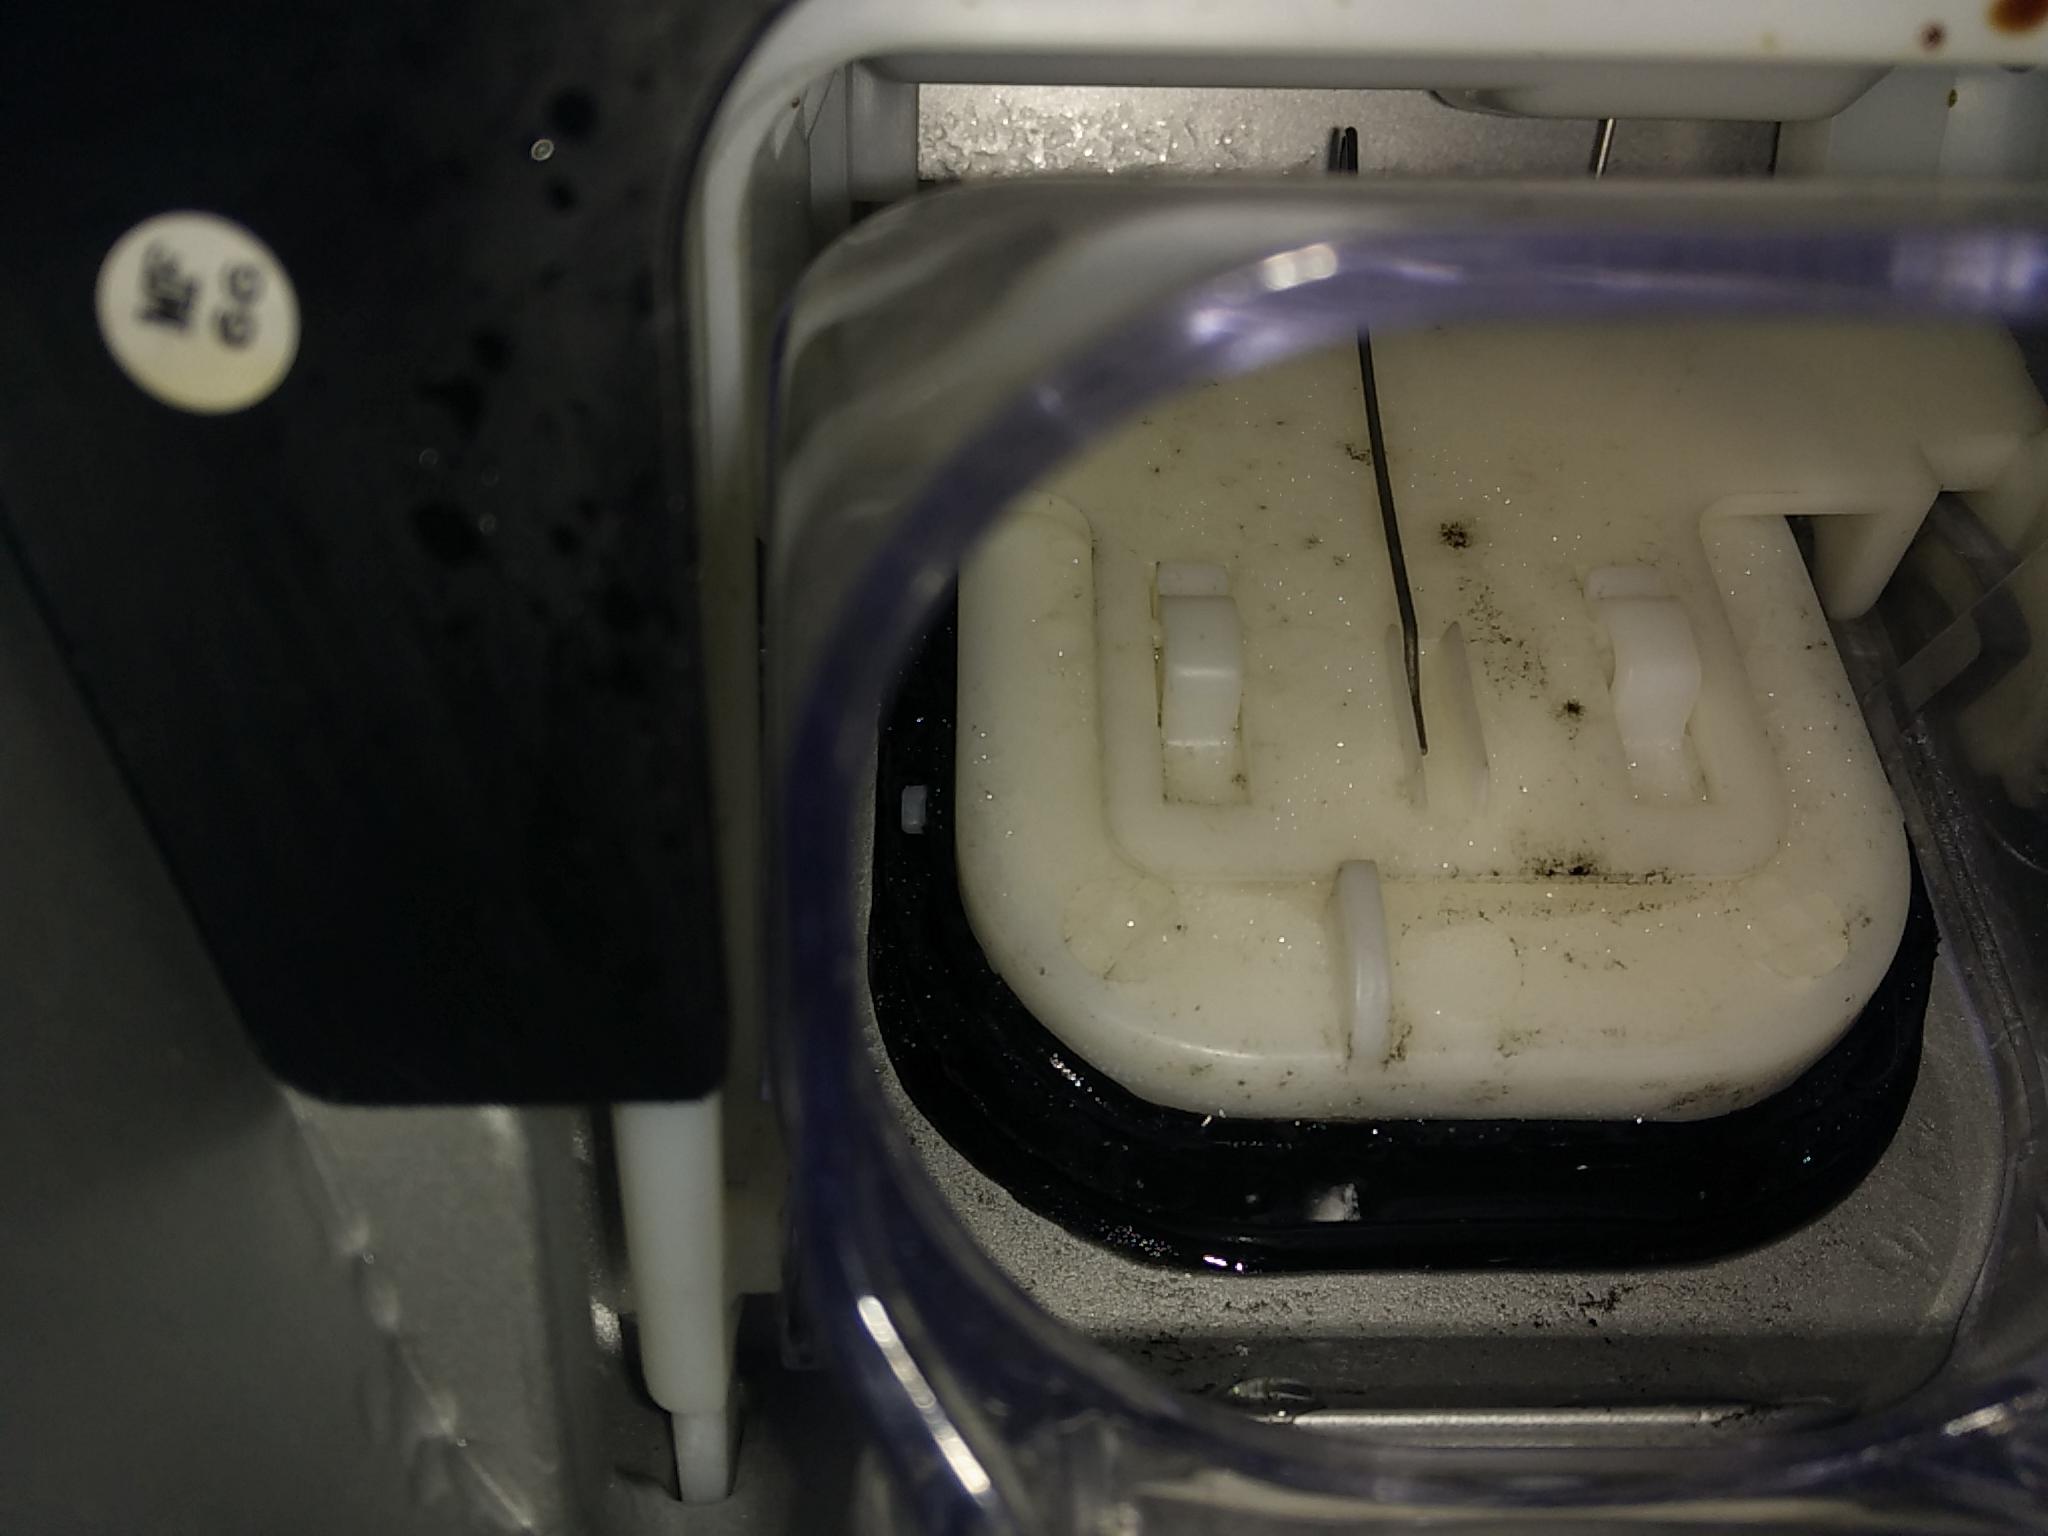 Aeg Kühlschrank Auffangbehälter Ausbauen : Siemens kühlschrank wasser sammelt wasser im kühlschrank daran